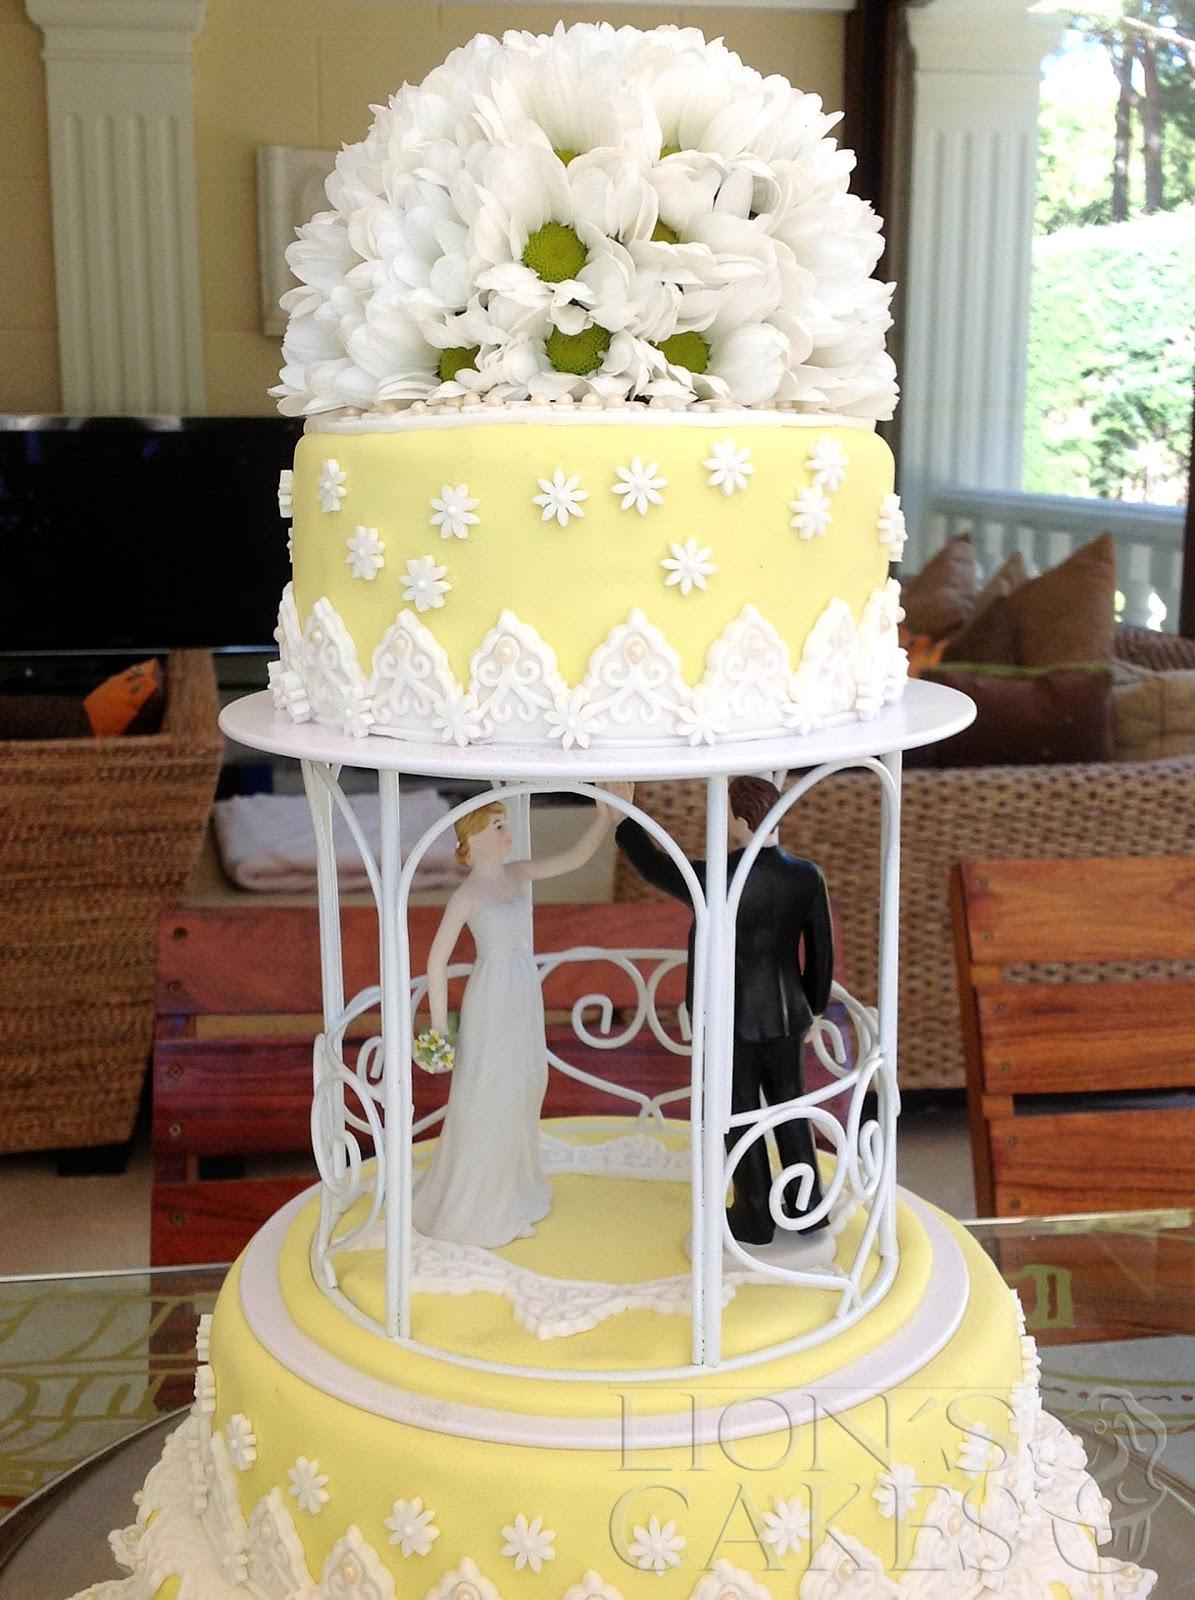 ... Cakes Pedro León France: Gâteau de Mariage Casher avec Marguerites